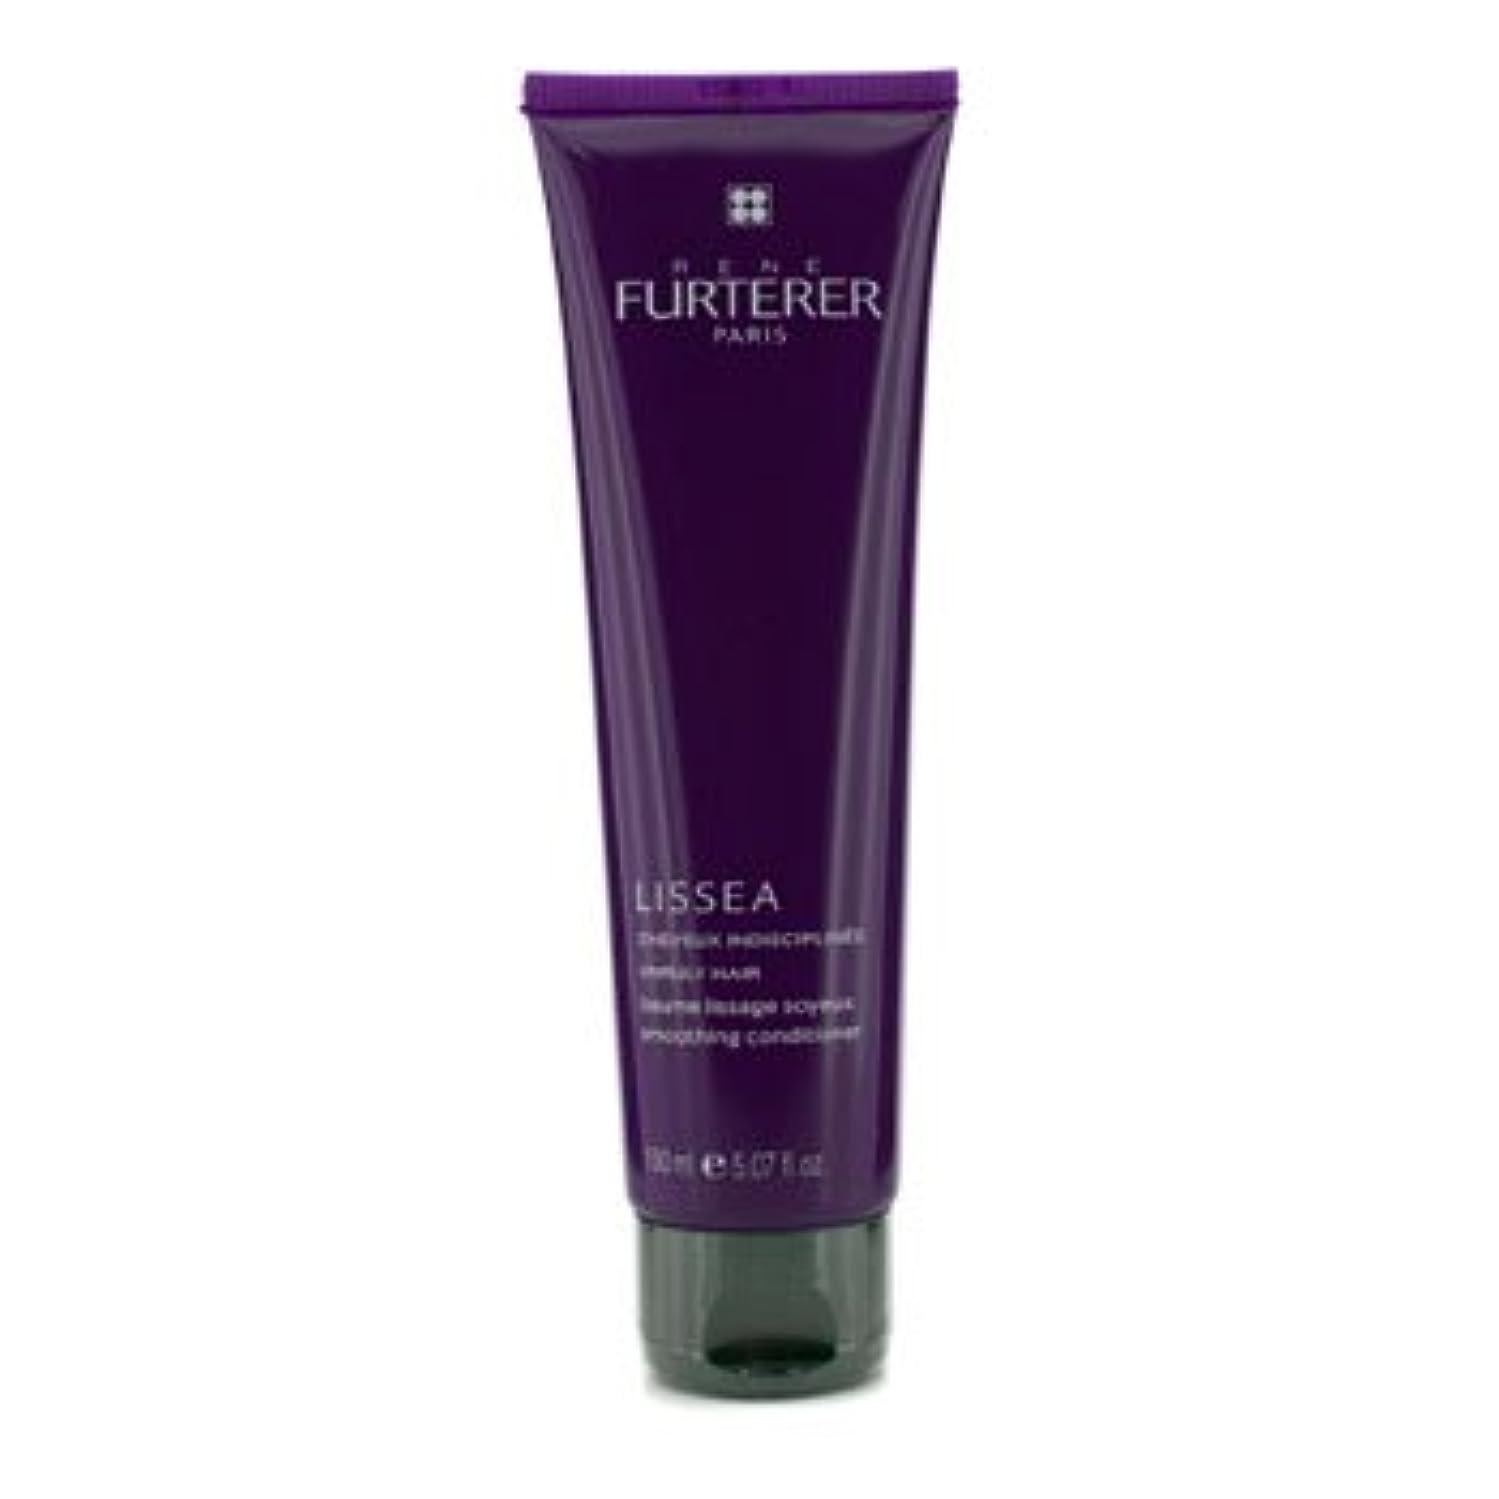 小さな発信ピーブ[Rene Furterer] Lissea Smoothing Conditioner (For Unruly Hair) 150ml/5.07oz